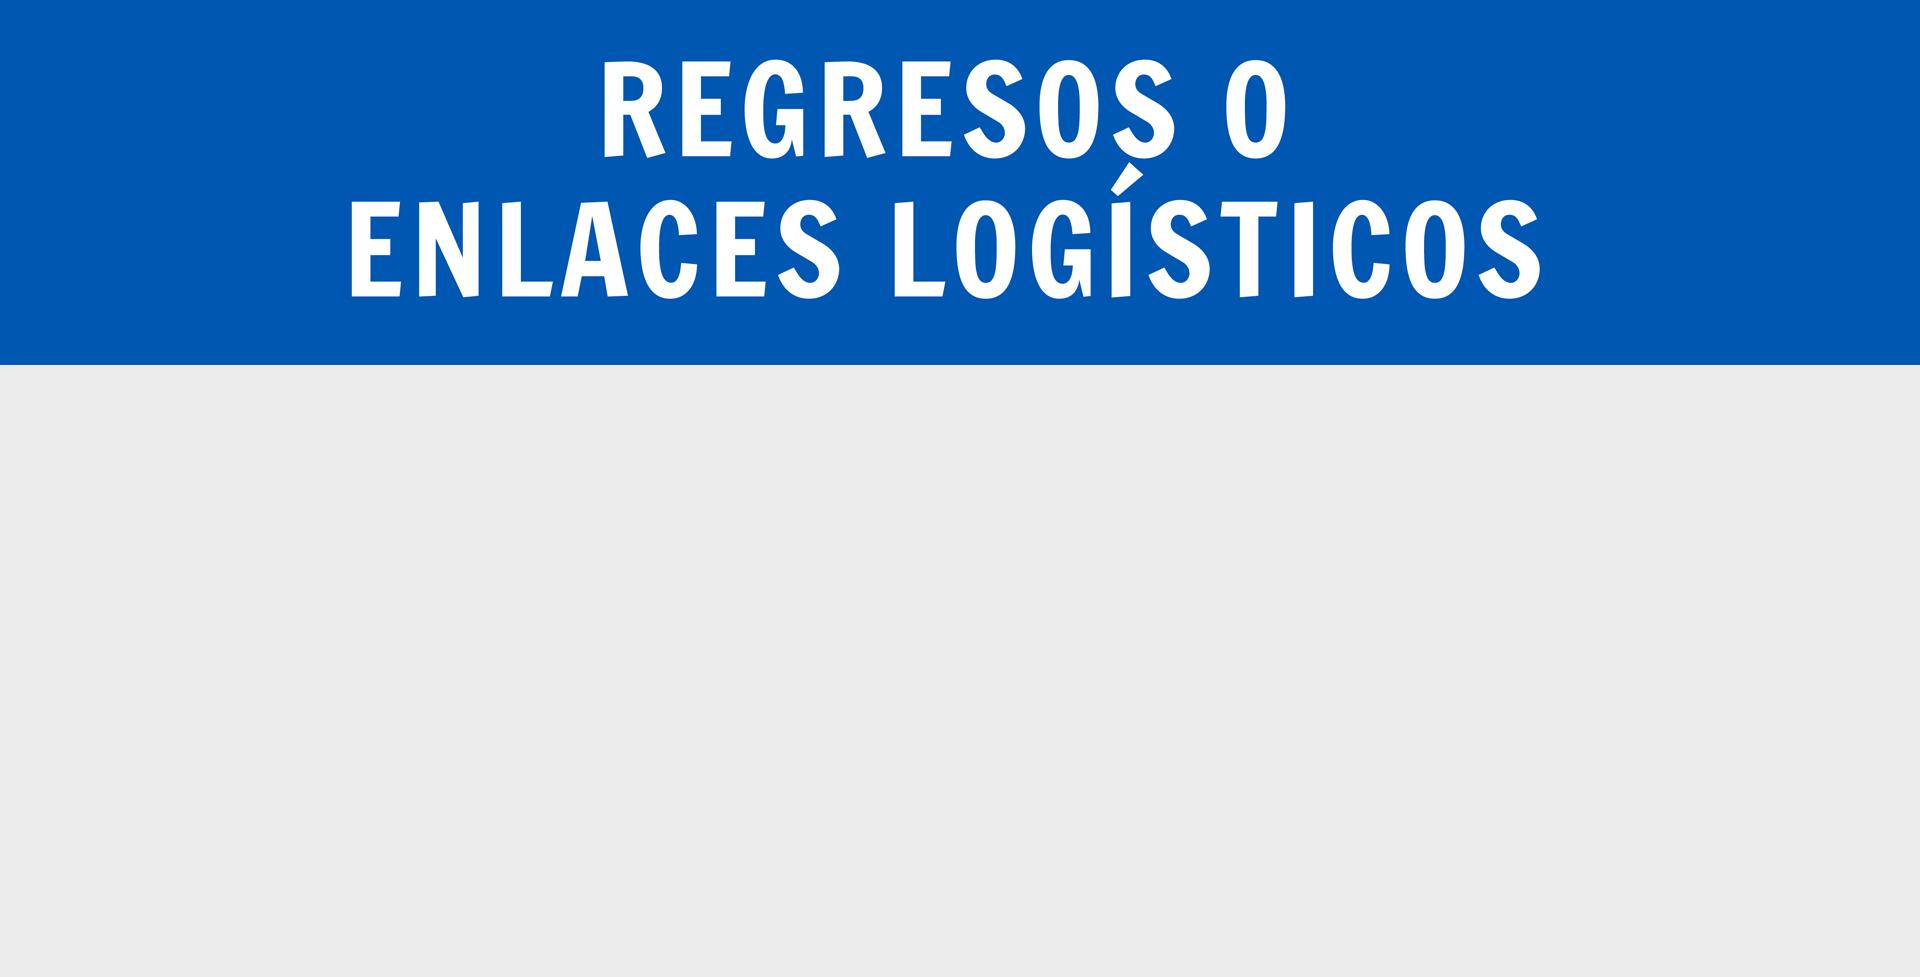 http://www.trtrefrigerados.com/wp-content/uploads/2017/01/logisticos.jpg